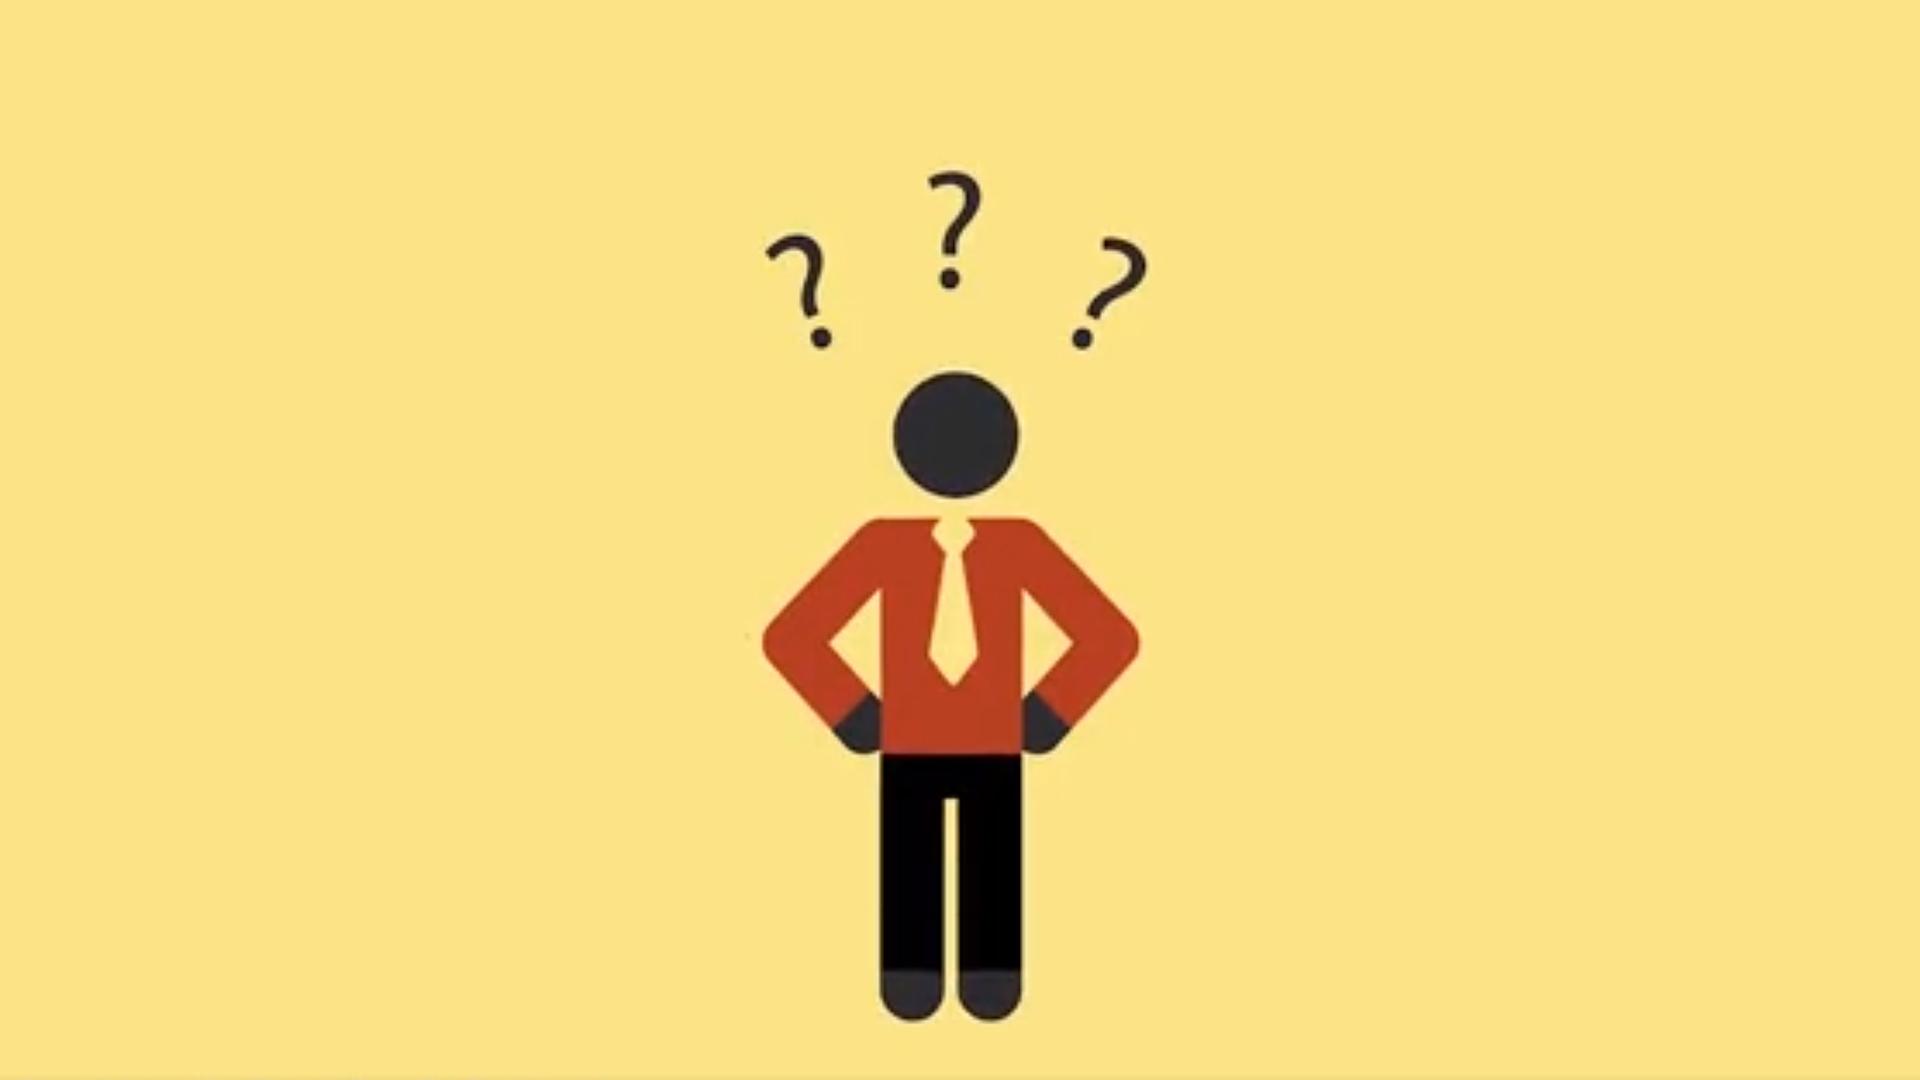 کد اقتصادی چیه و چه مزایایی داره؟